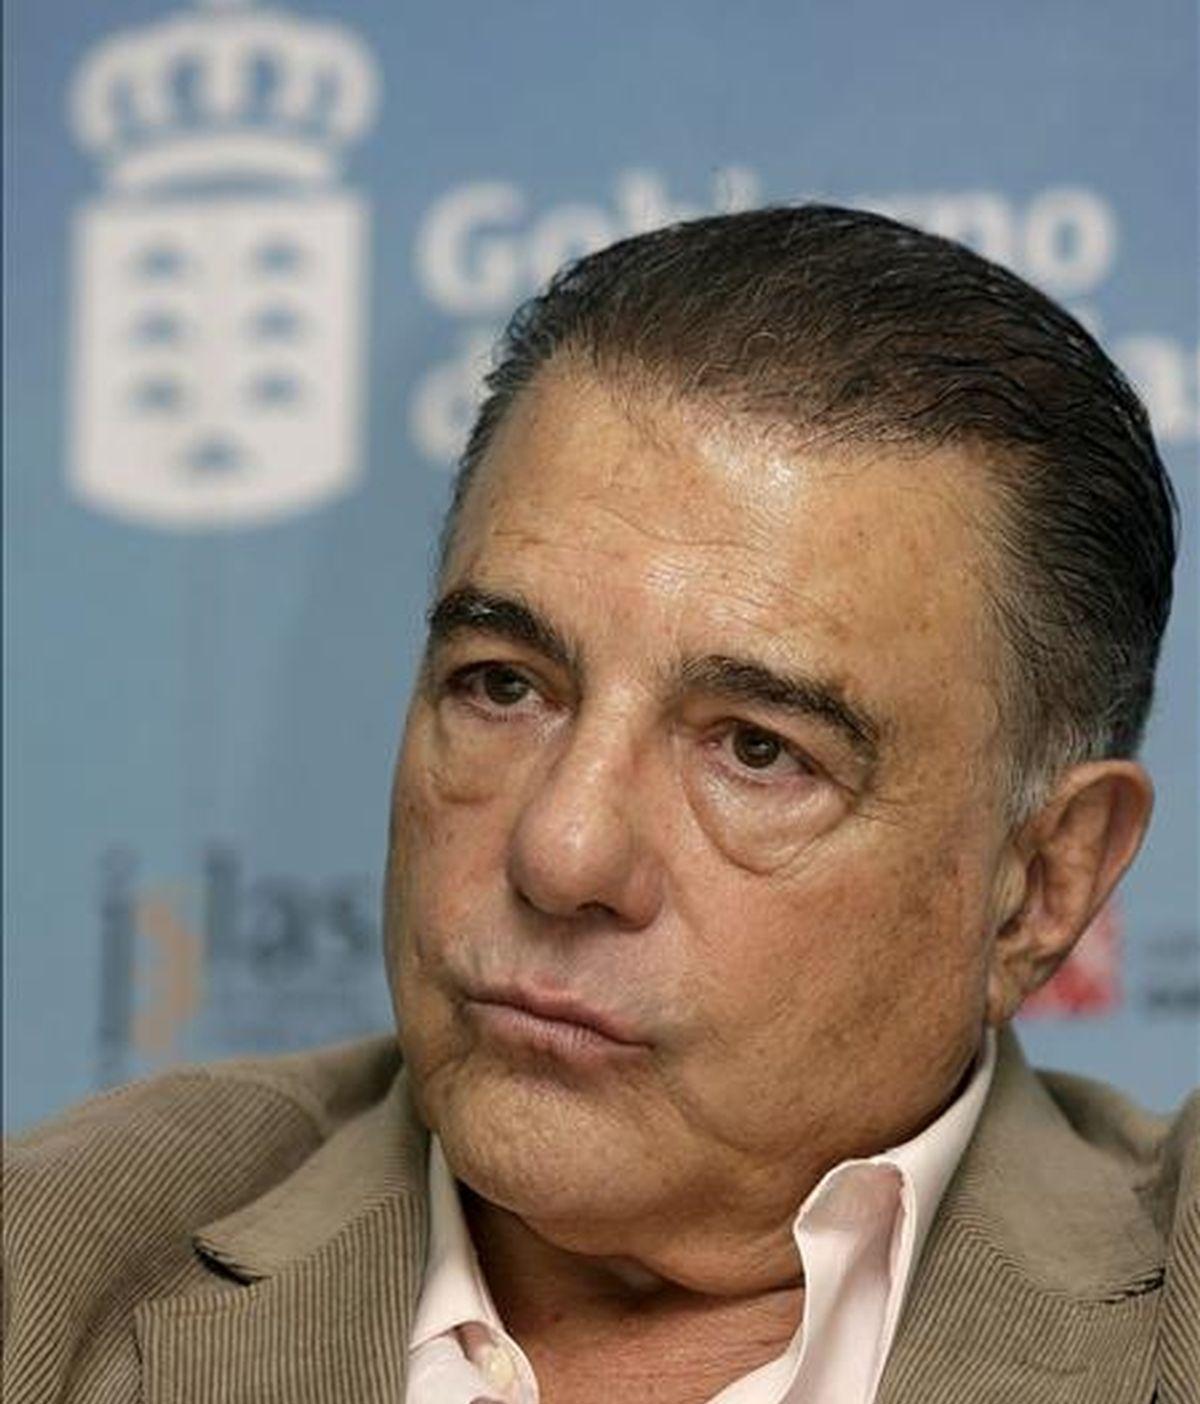 """El actor Juan Luis Galiardo, durante la presentación del reestreno de la película """"Guarapo"""" en diciembre pasado. EFE/Archivo"""